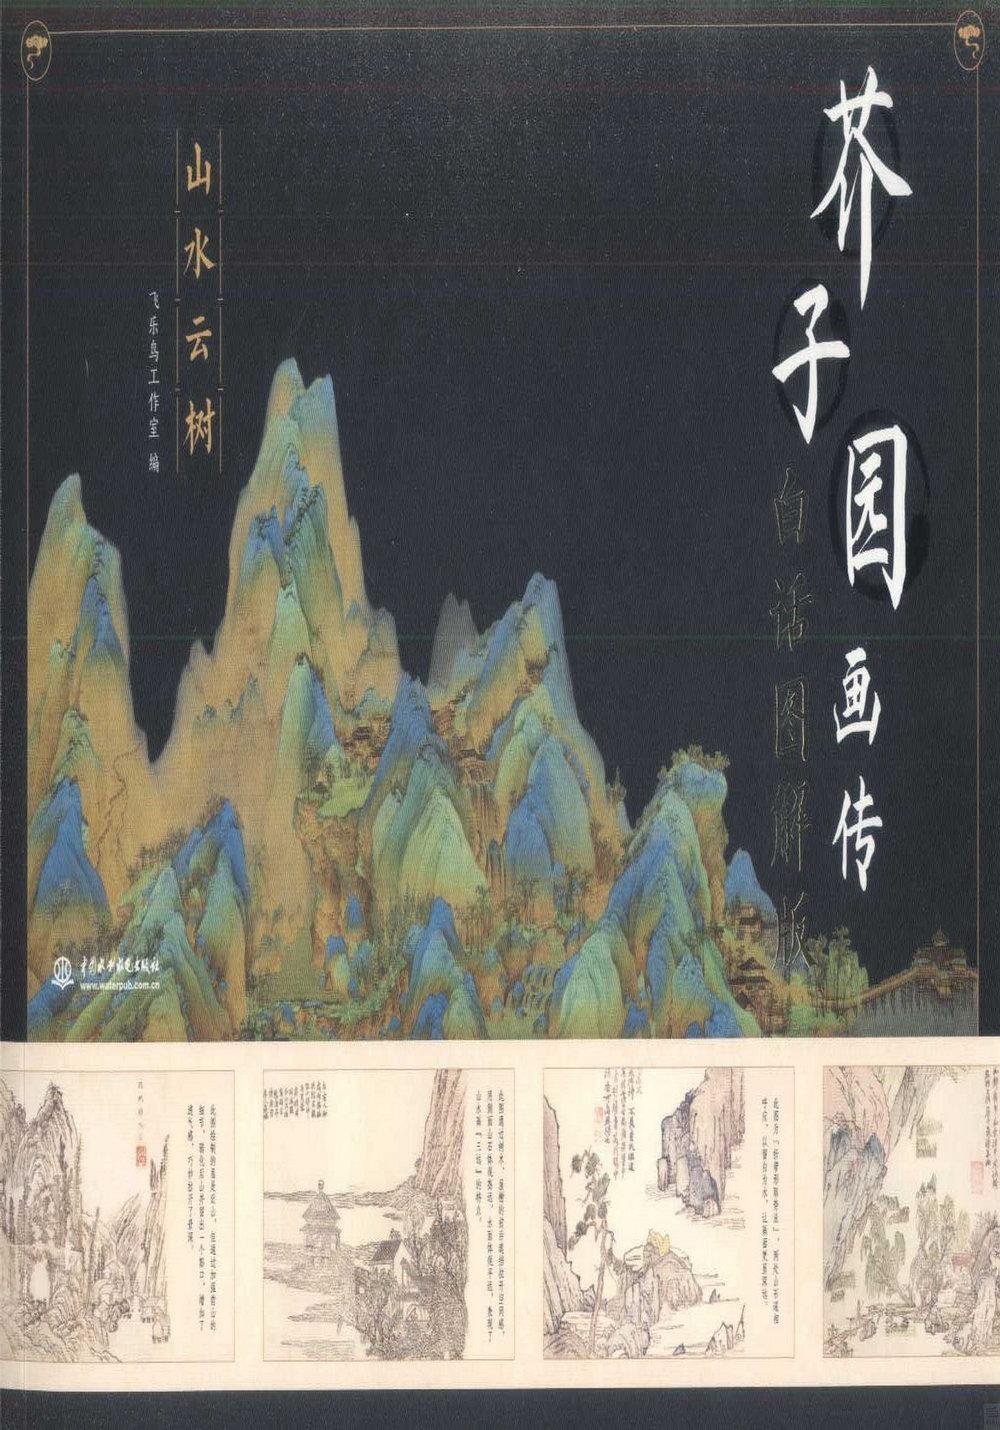 芥子園畫傳(白話圖解版):山水雲樹